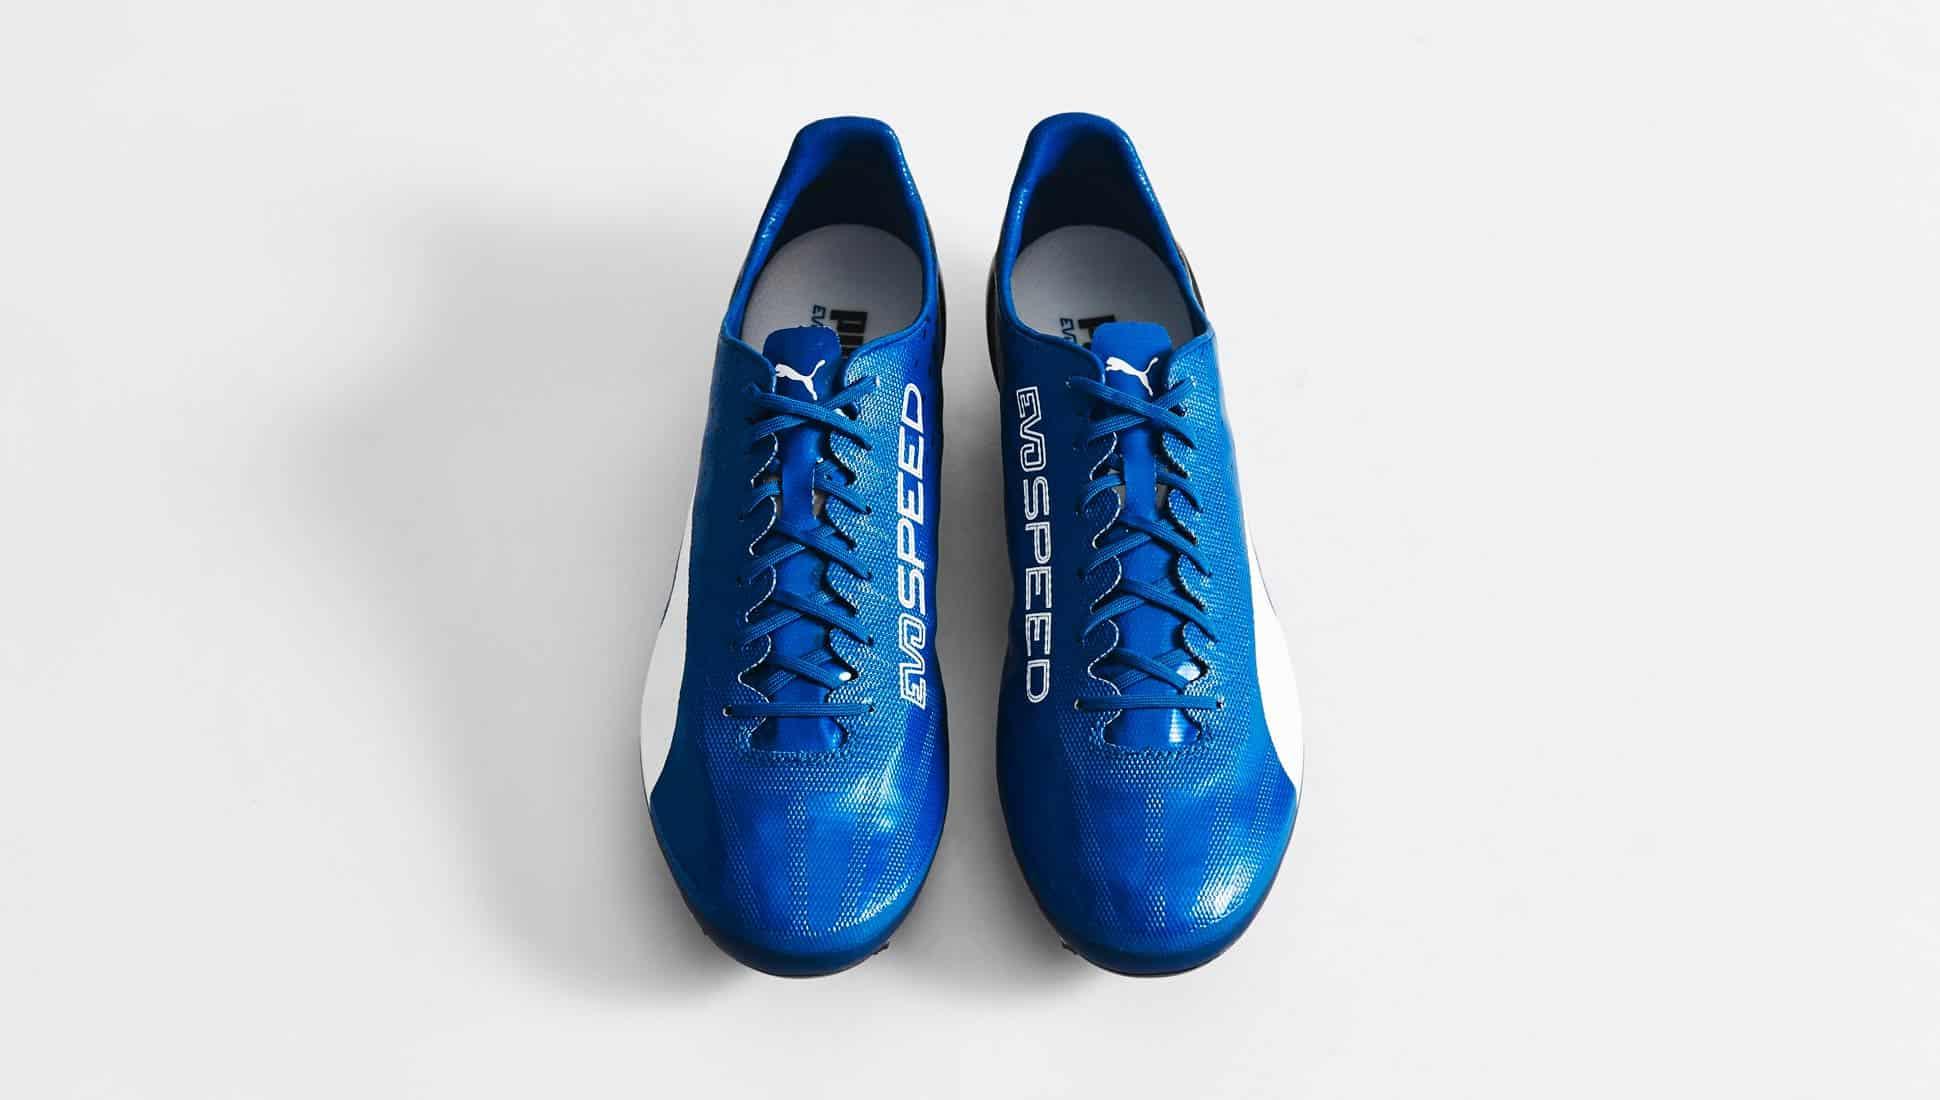 chaussures-football-puma-evospeed-17-sl-bleu-noir-img6